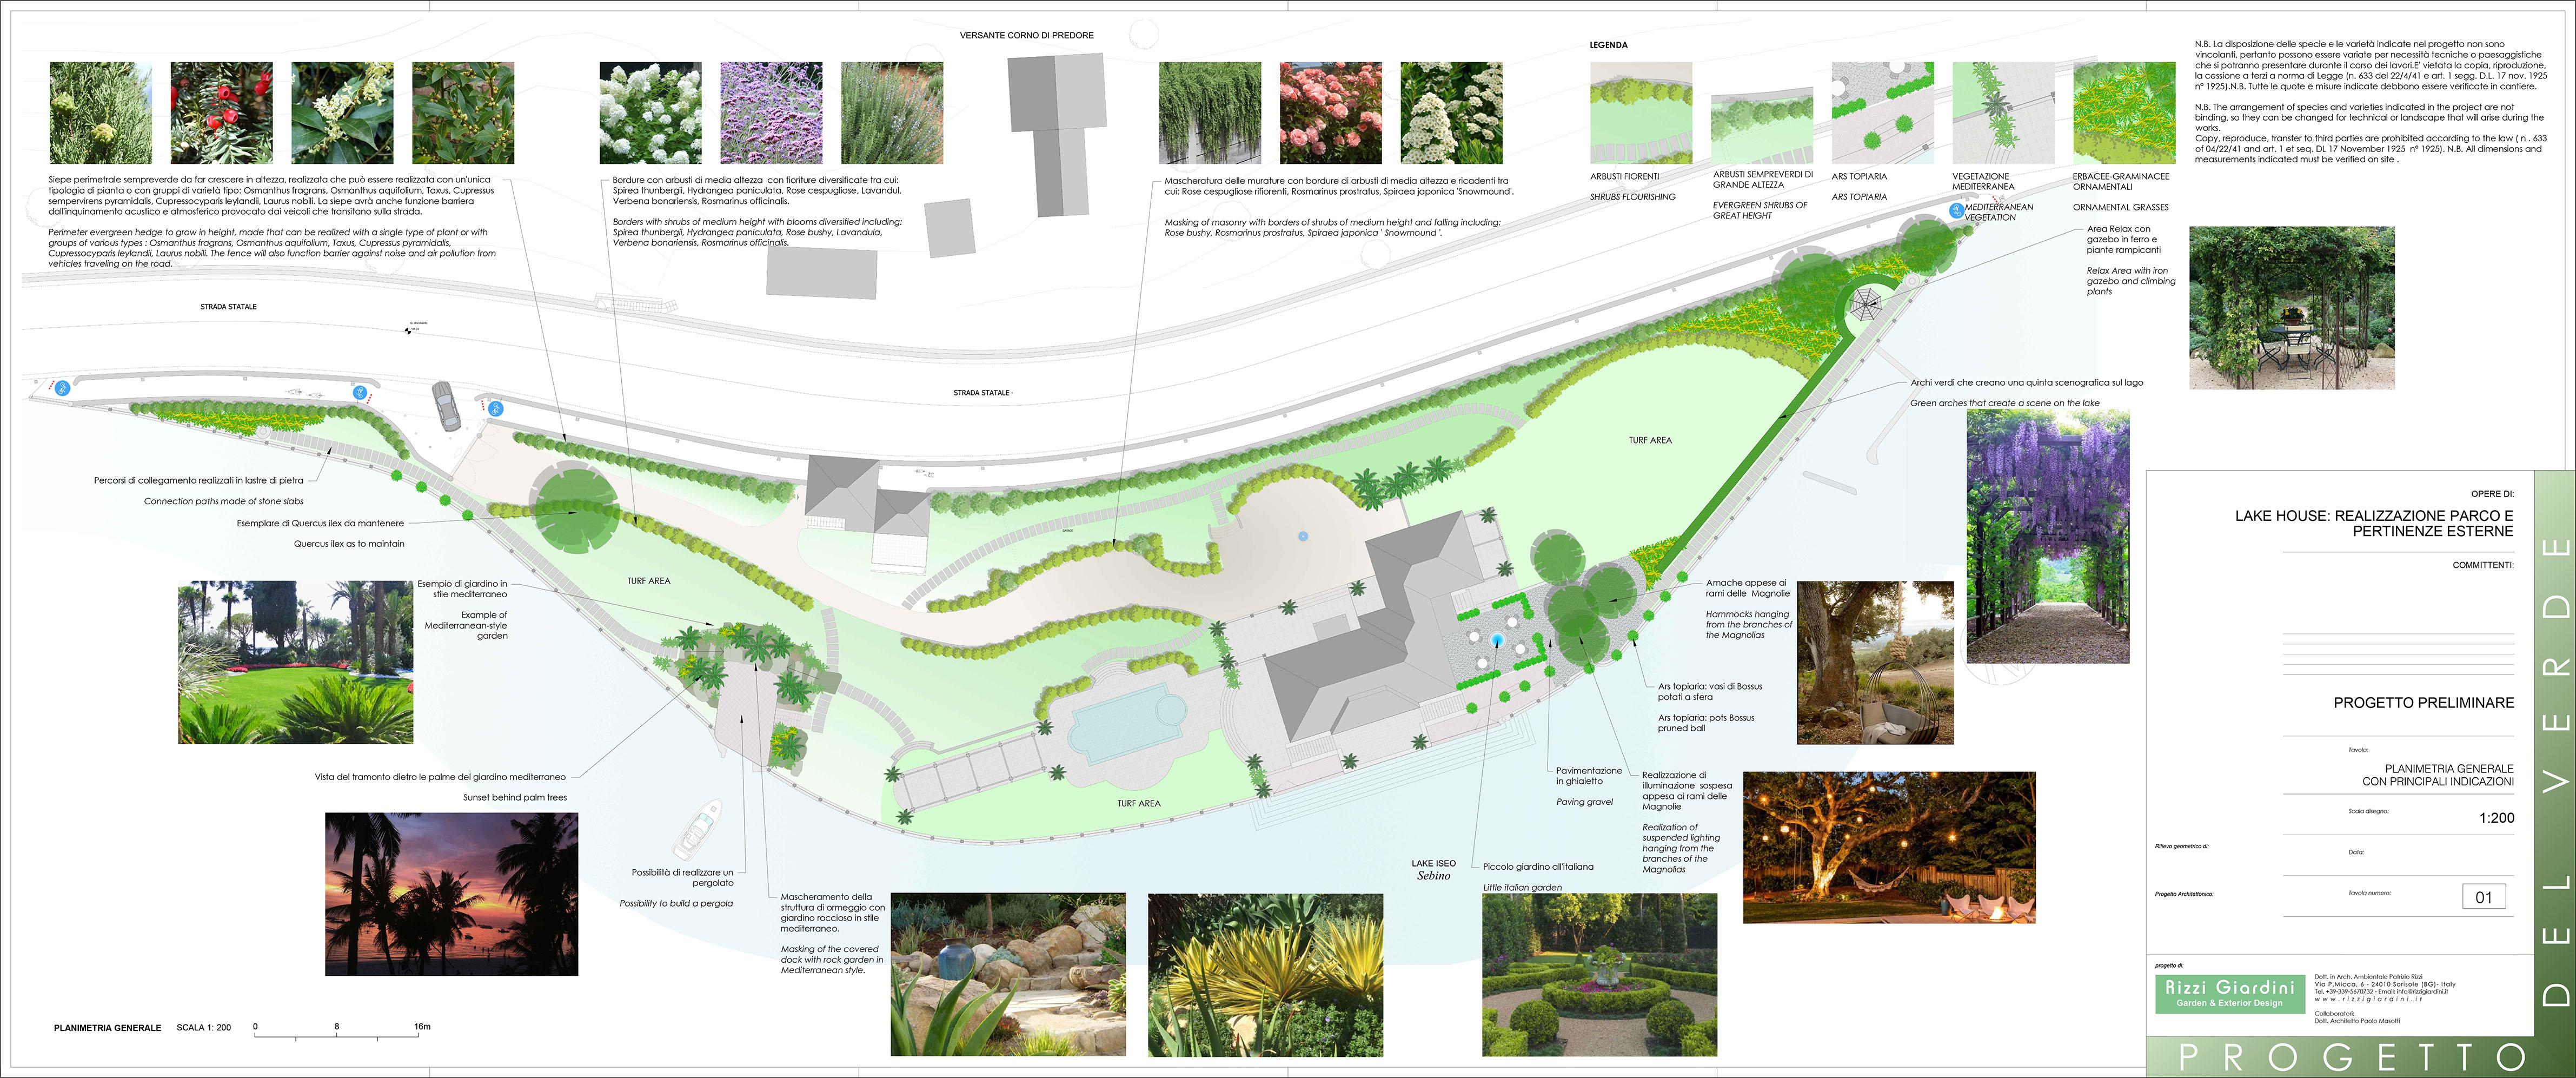 Progettazione parco villa con piscina lago iseo - Progetto villa con piscina ...